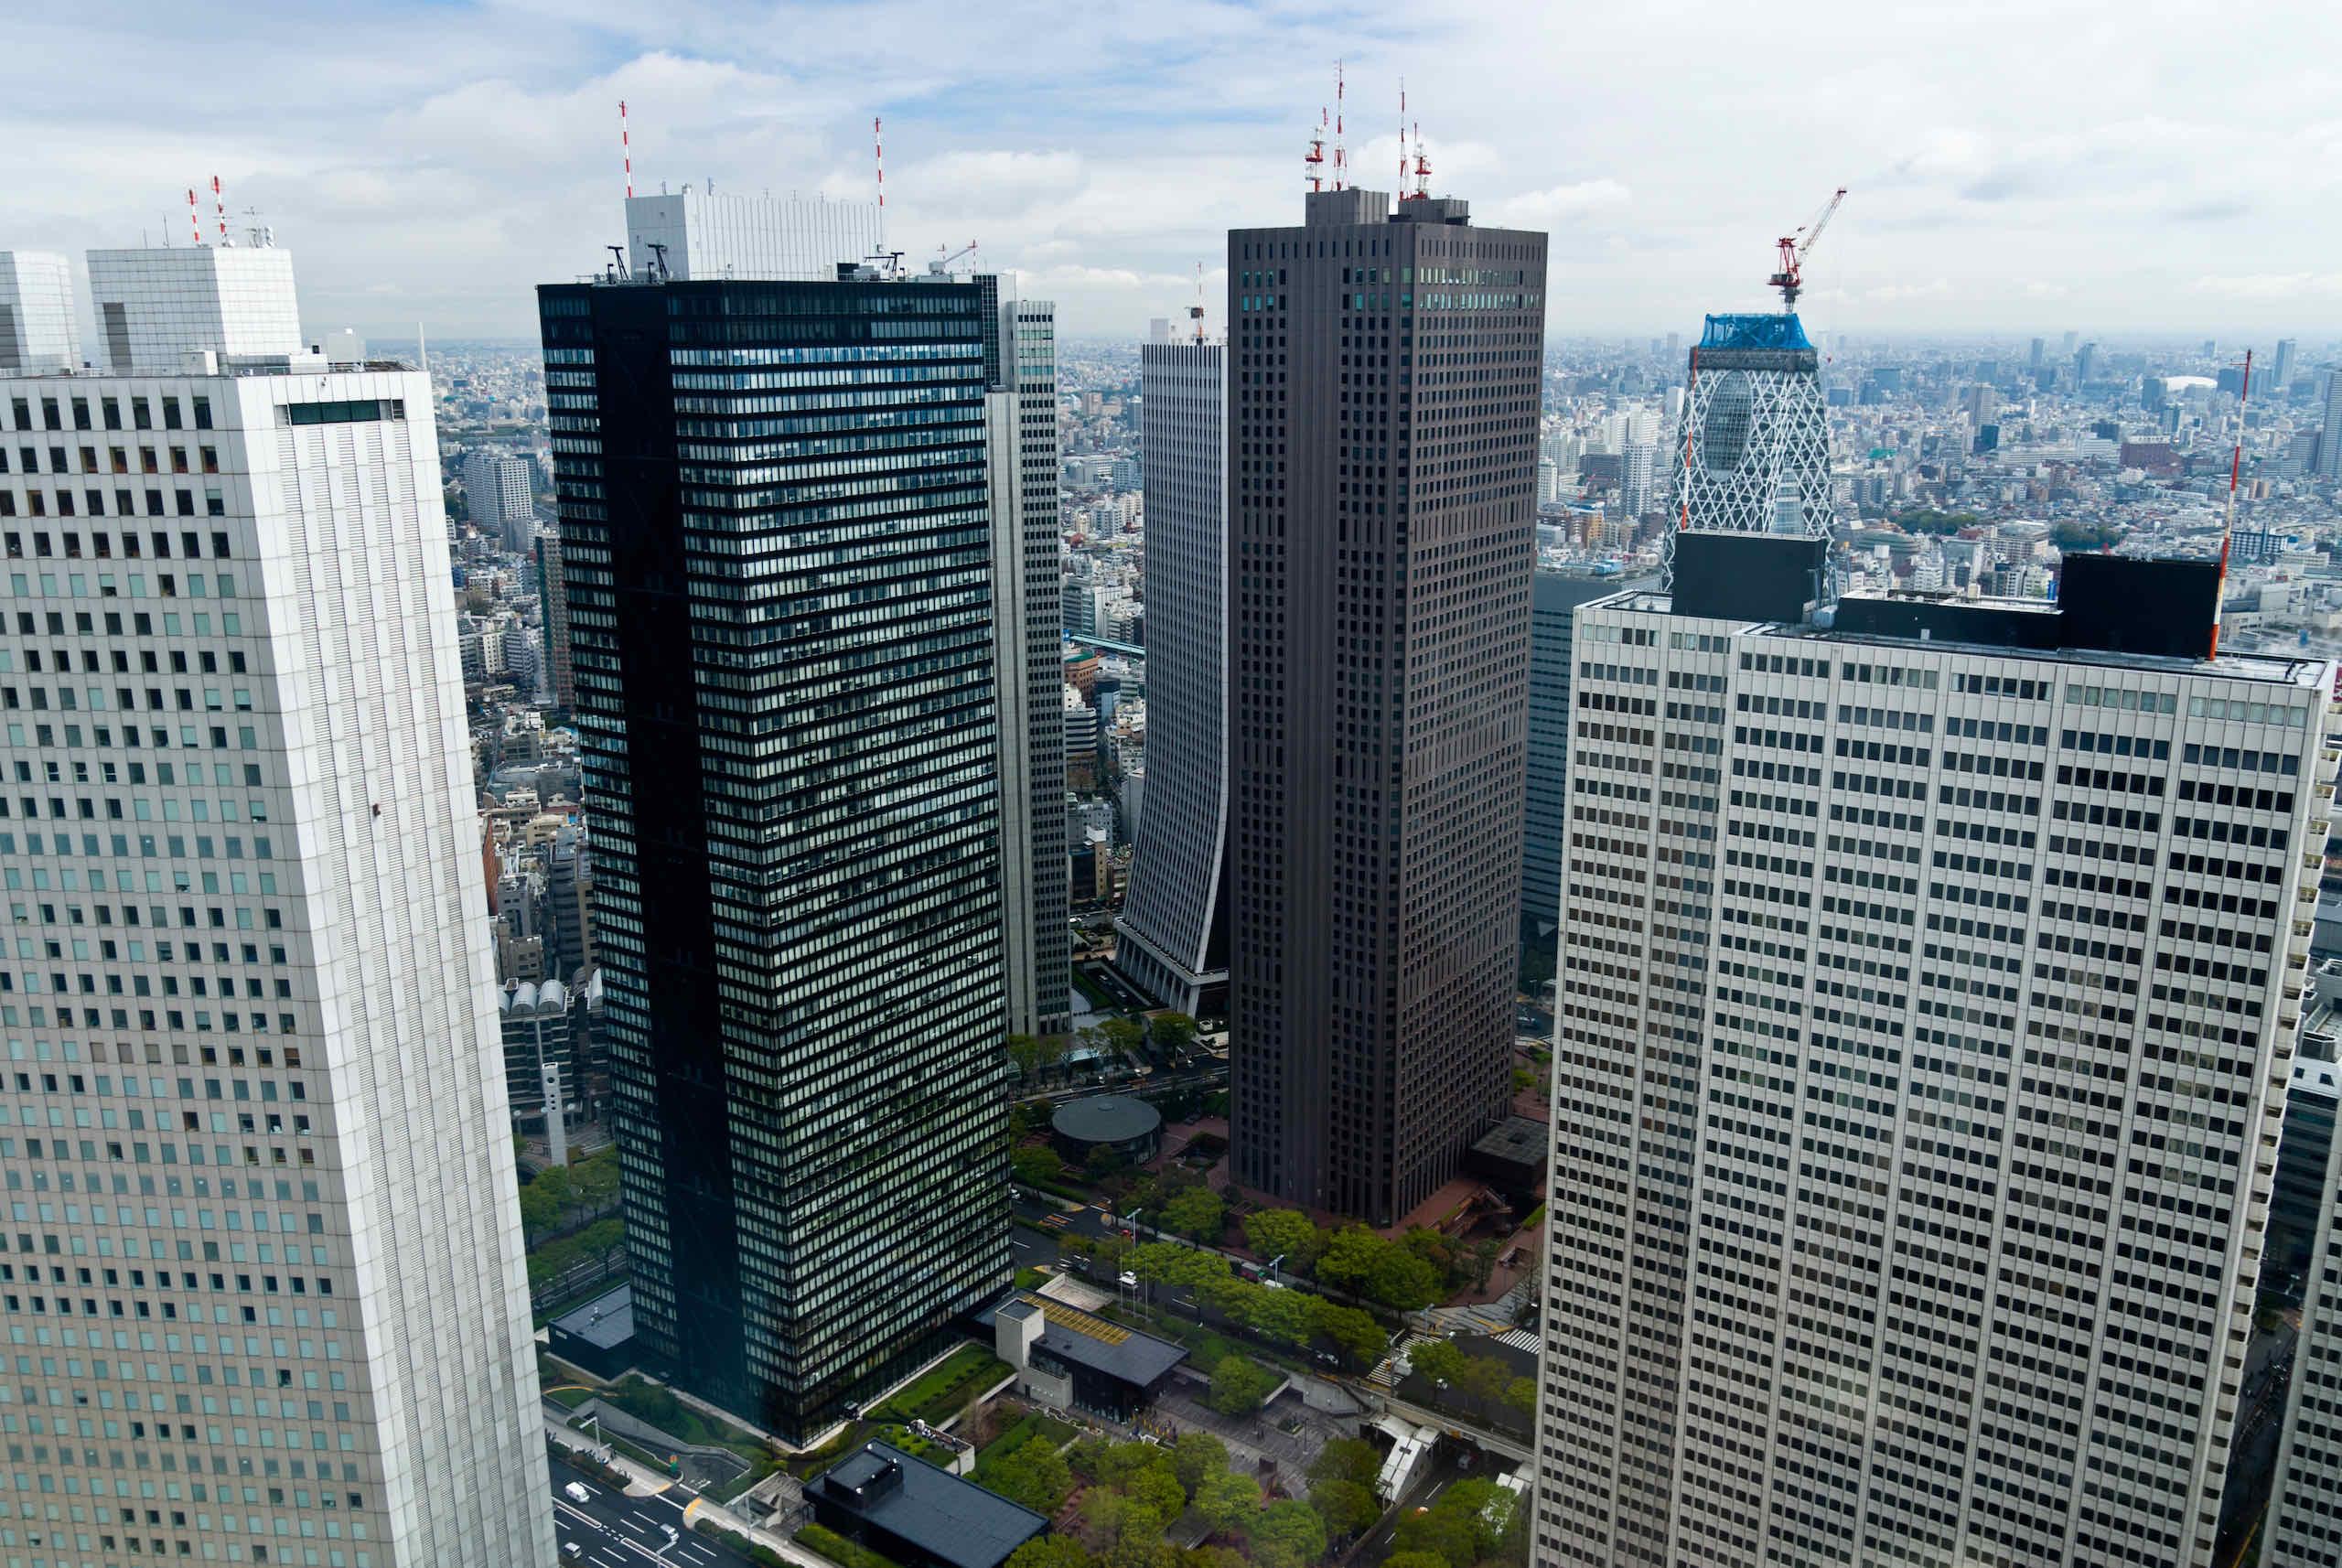 sumitomo, mitsui, shinjuku center, keio plaza